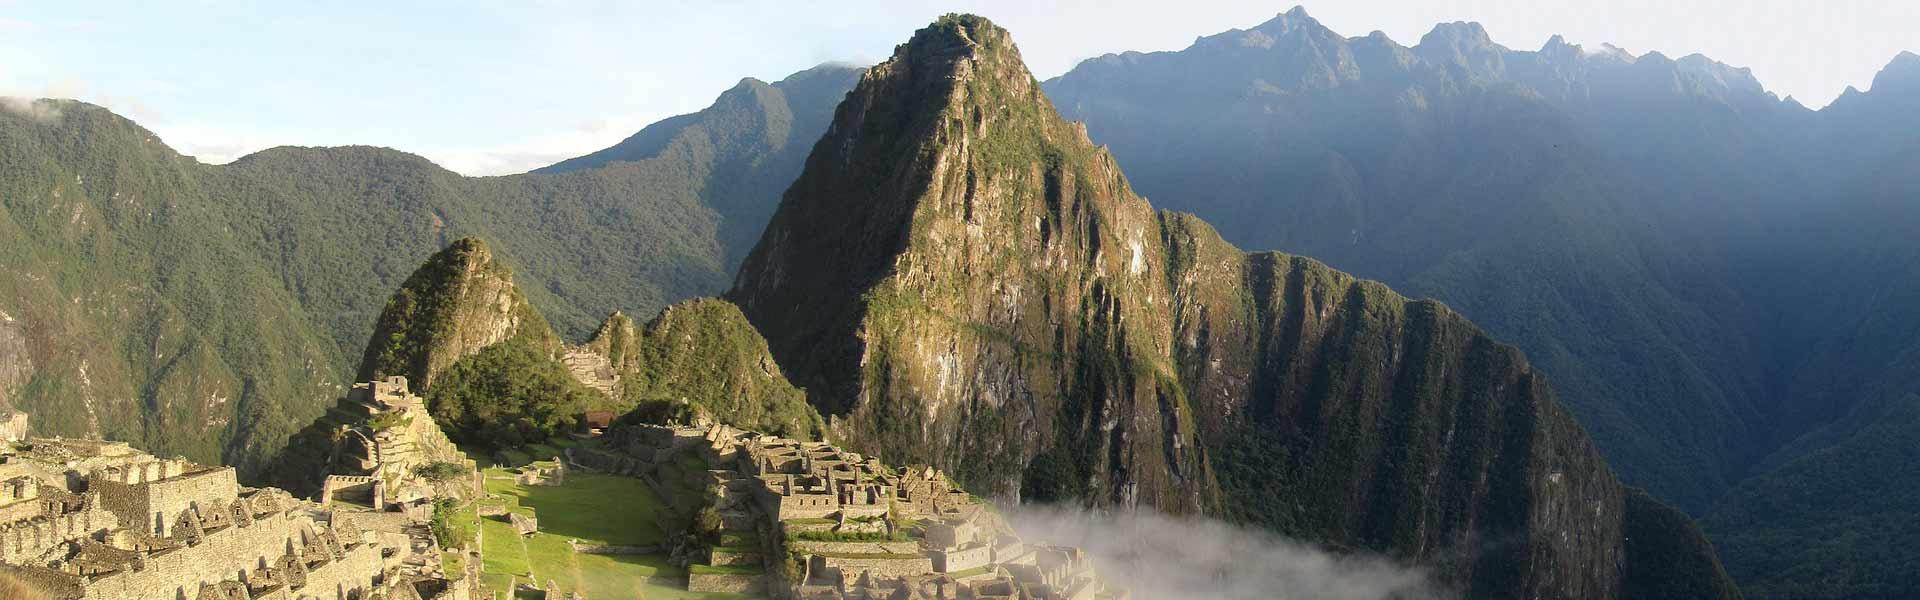 Panorámica de Machu Picchu Perú